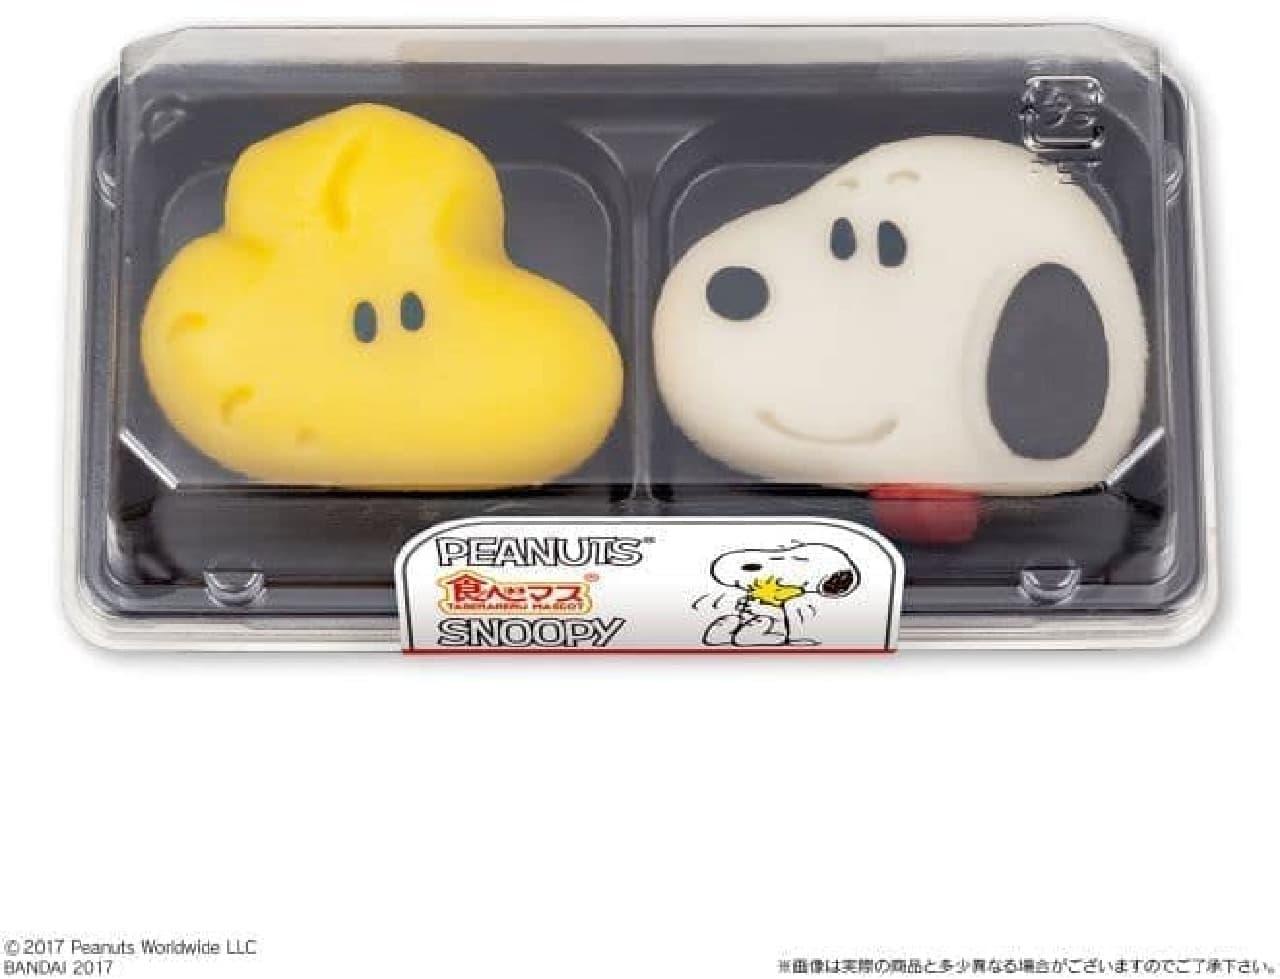 「食べマス スヌーピー」は人気キャラクター「スヌーピー」とその親友「ウッドストック」の顔が表現された和菓子